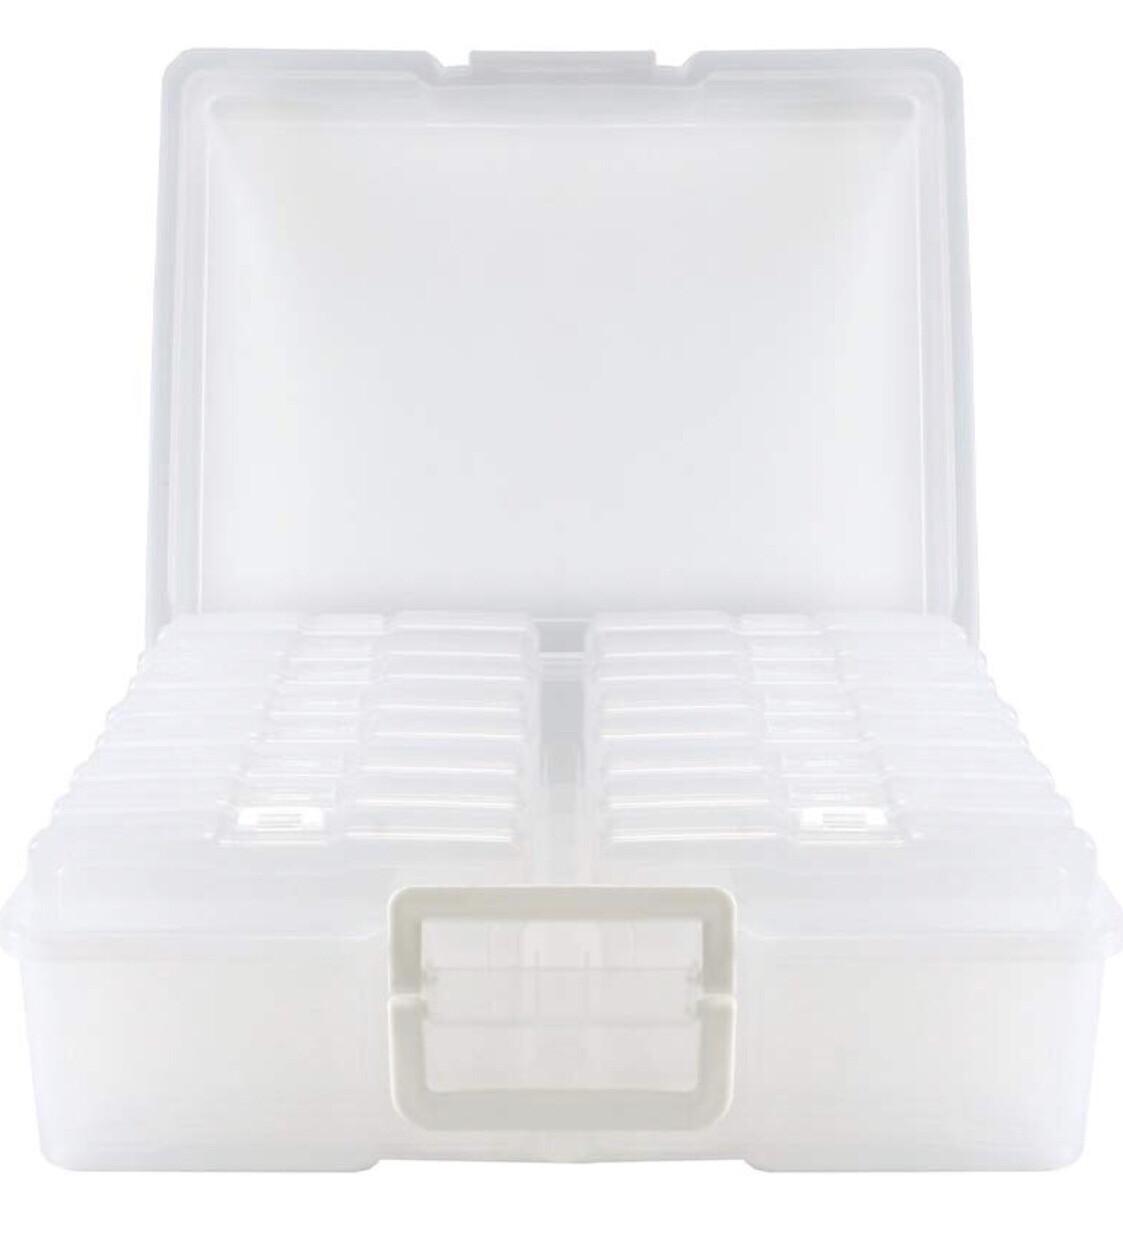 iPhone organizer storage case